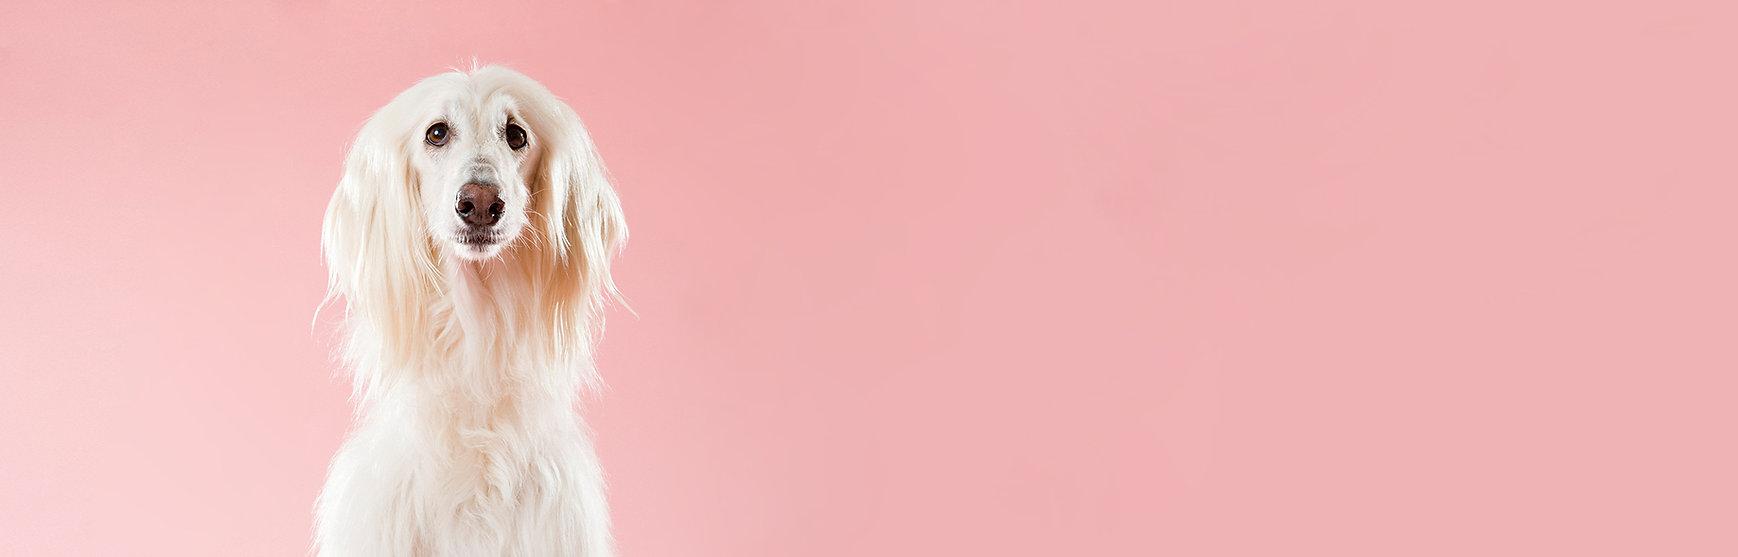 ピンクの犬